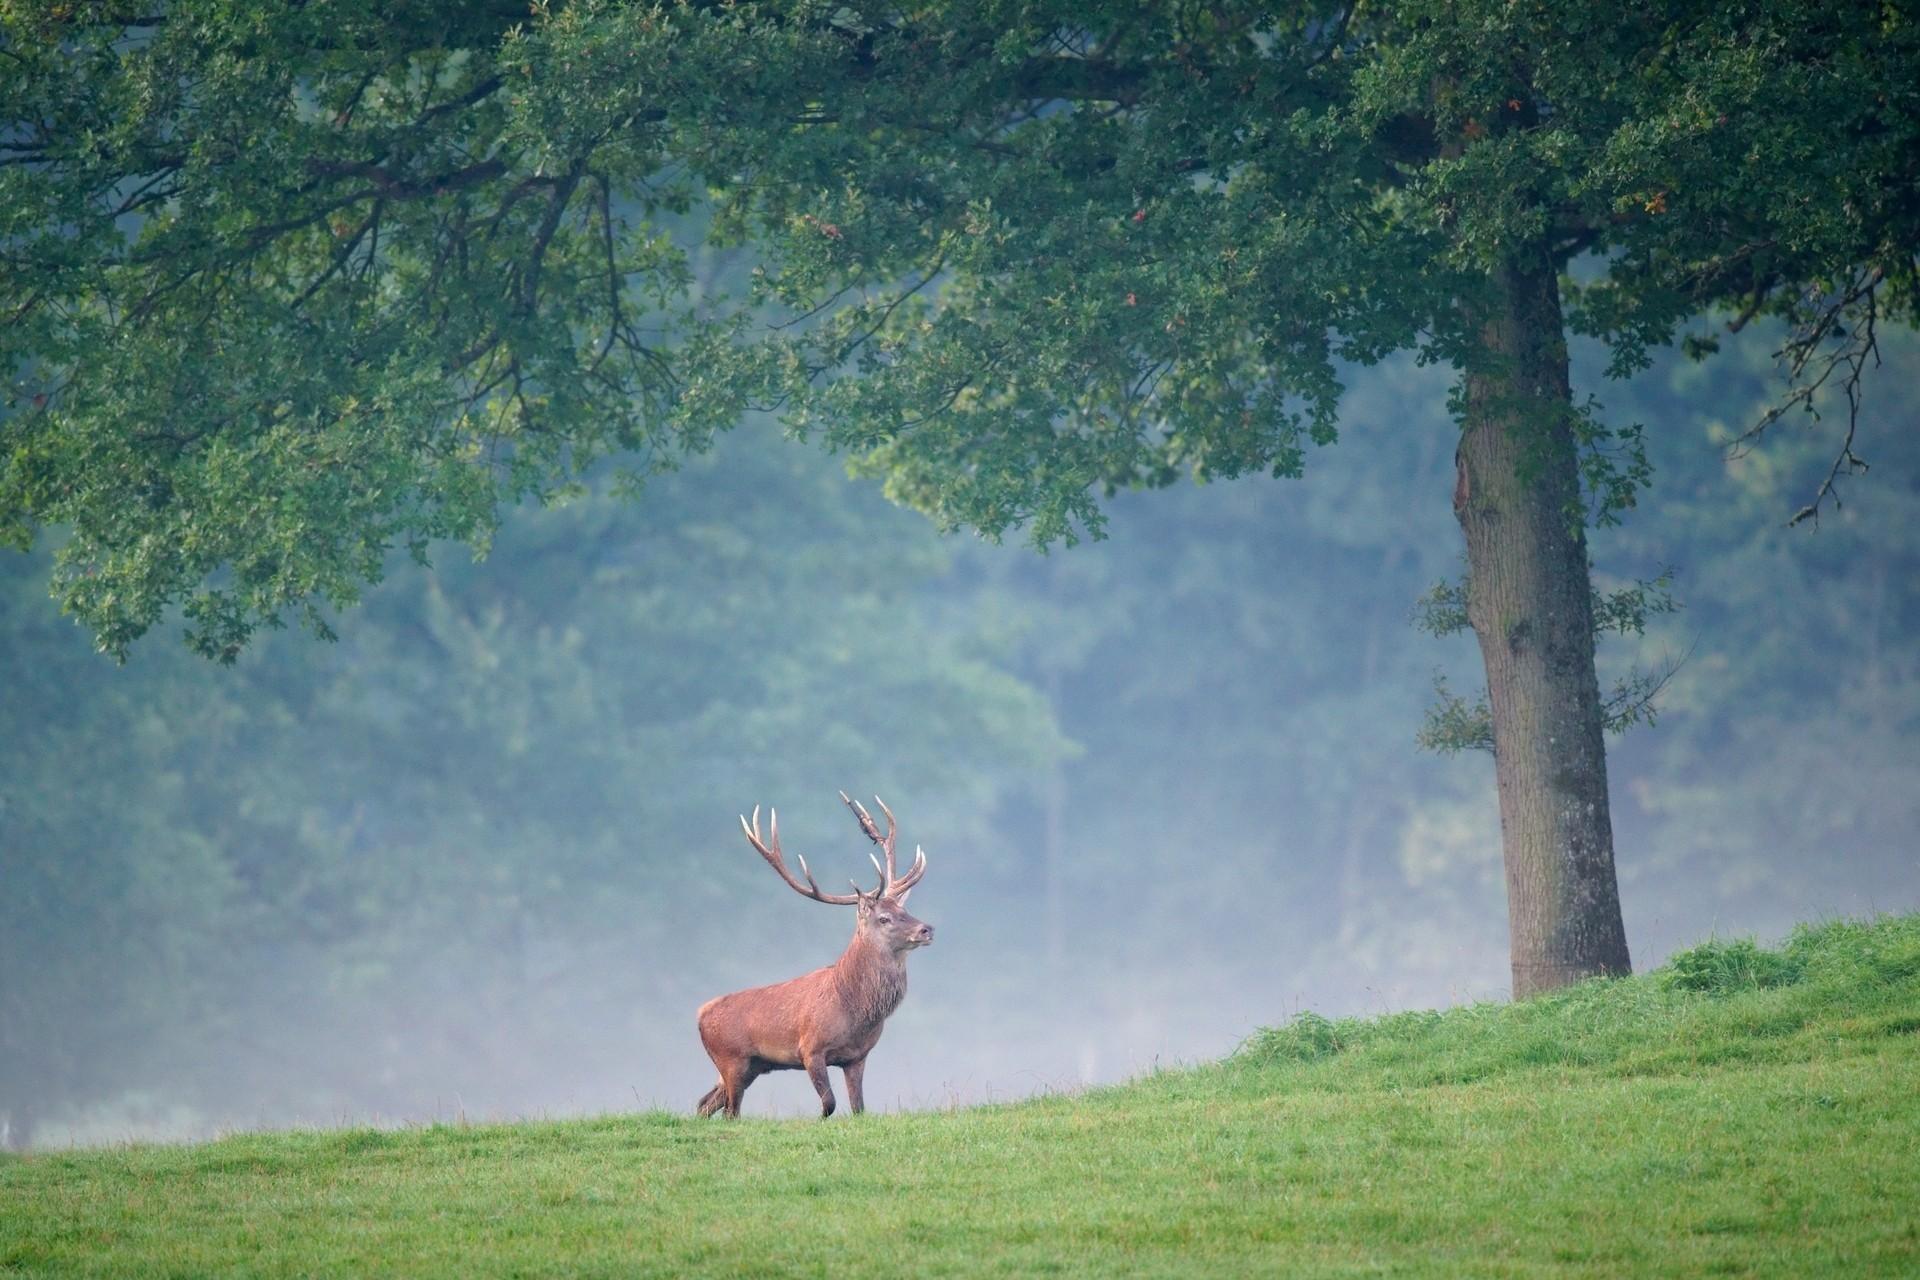 128564 скачать обои Деревья, Животные, Олень, Трава, Туман, Прогулка - заставки и картинки бесплатно